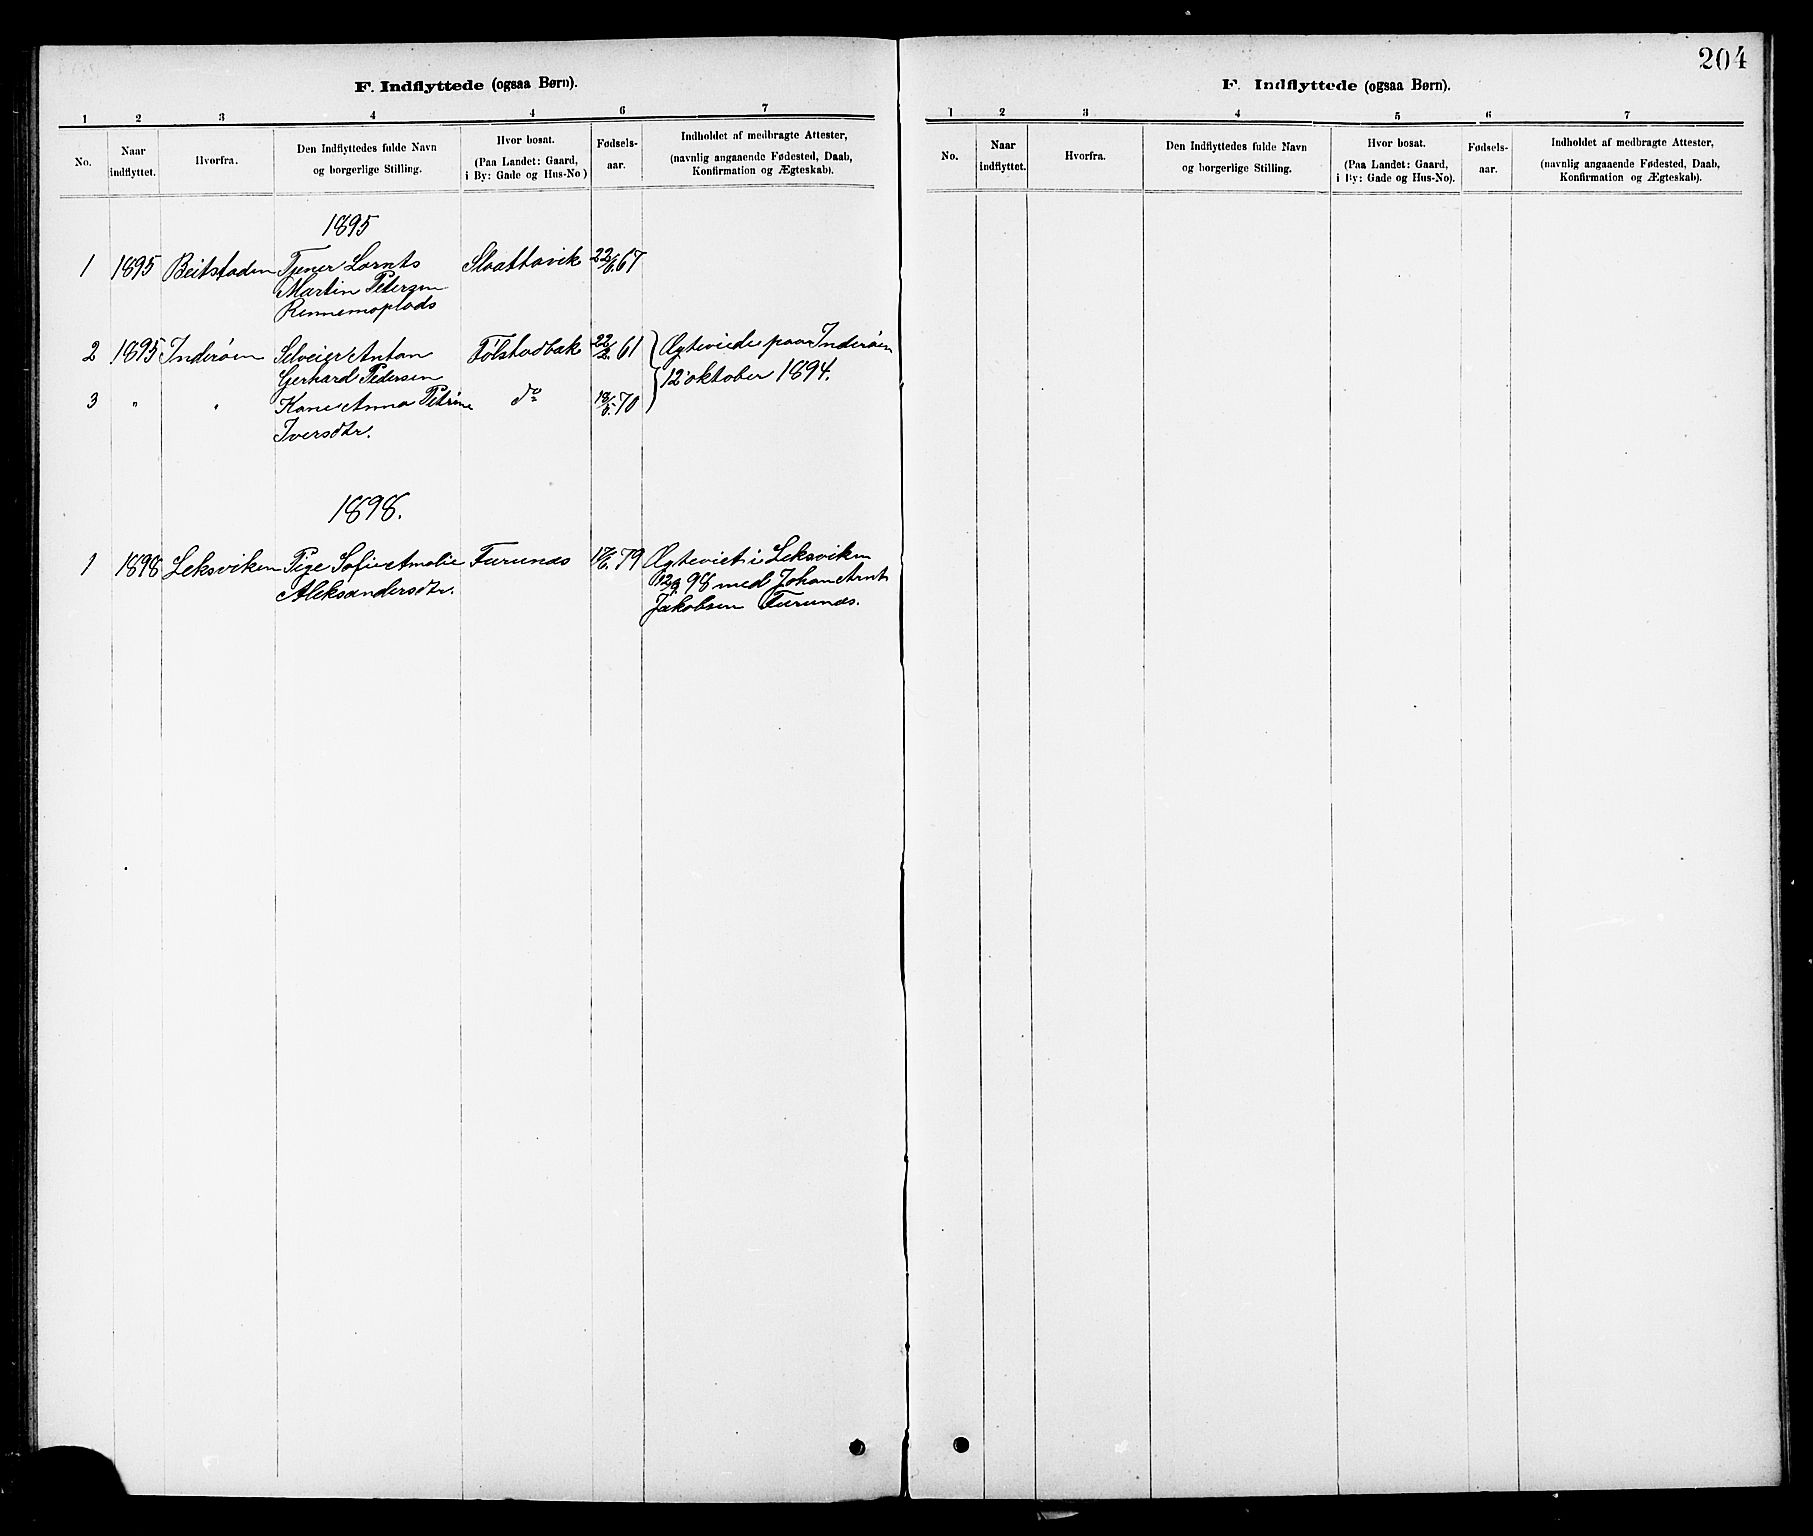 SAT, Ministerialprotokoller, klokkerbøker og fødselsregistre - Nord-Trøndelag, 744/L0423: Klokkerbok nr. 744C02, 1886-1905, s. 204